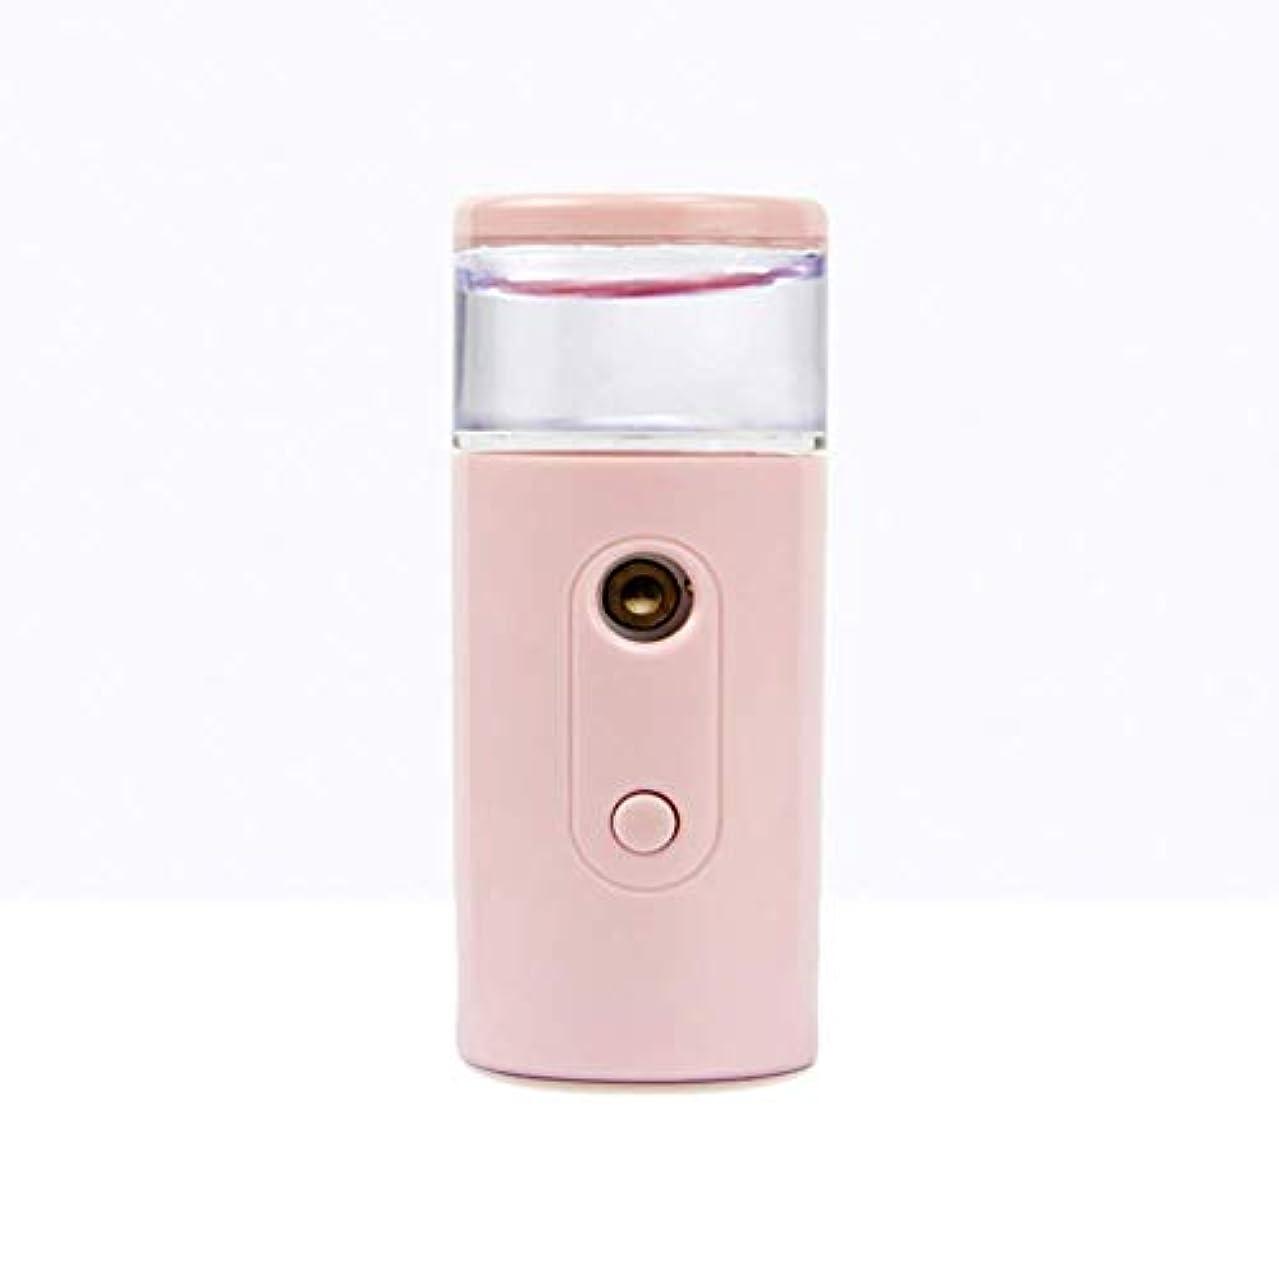 ノベルティ契約するマキシムNano Facial Mister、30ml視覚的水タンクを備えた充電式フェイシャルスチーマー、スキンケア、旅行用保湿&保湿